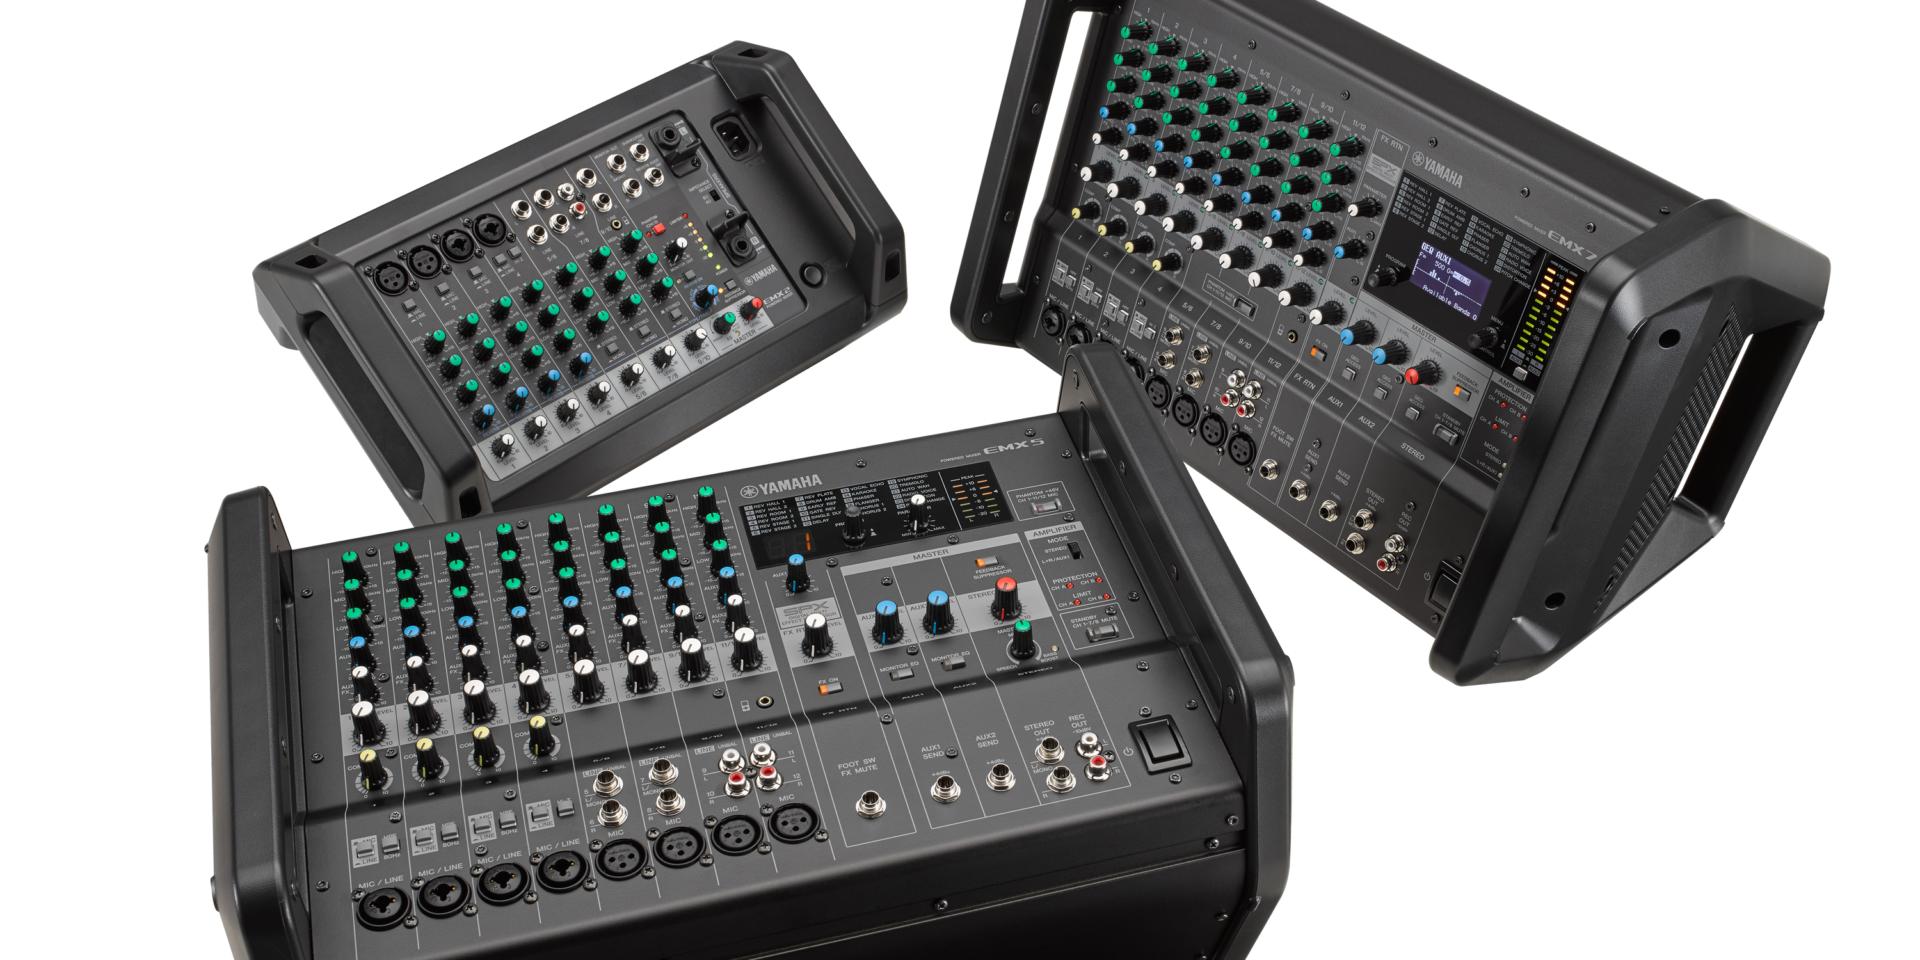 I modelli Yamaha EMX sono dotati di amplificatori integrati, riuscendo comunque a rimanere sorprendentemente leggeri. I modelli sono inoltre dotati di una funzione di protezione da sovraccarico per migliorarne l'affidabilità e la qualità delle prestazioni.